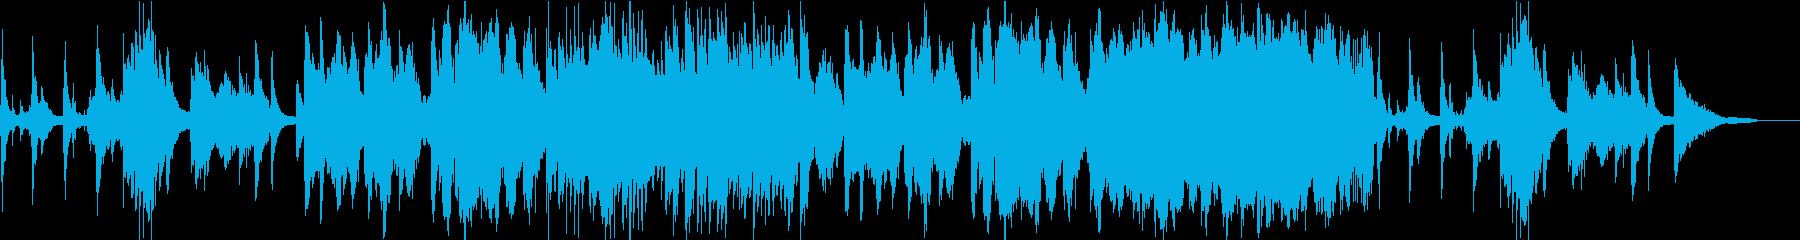 和調のバイオリンの旋律が印象的なBGMの再生済みの波形